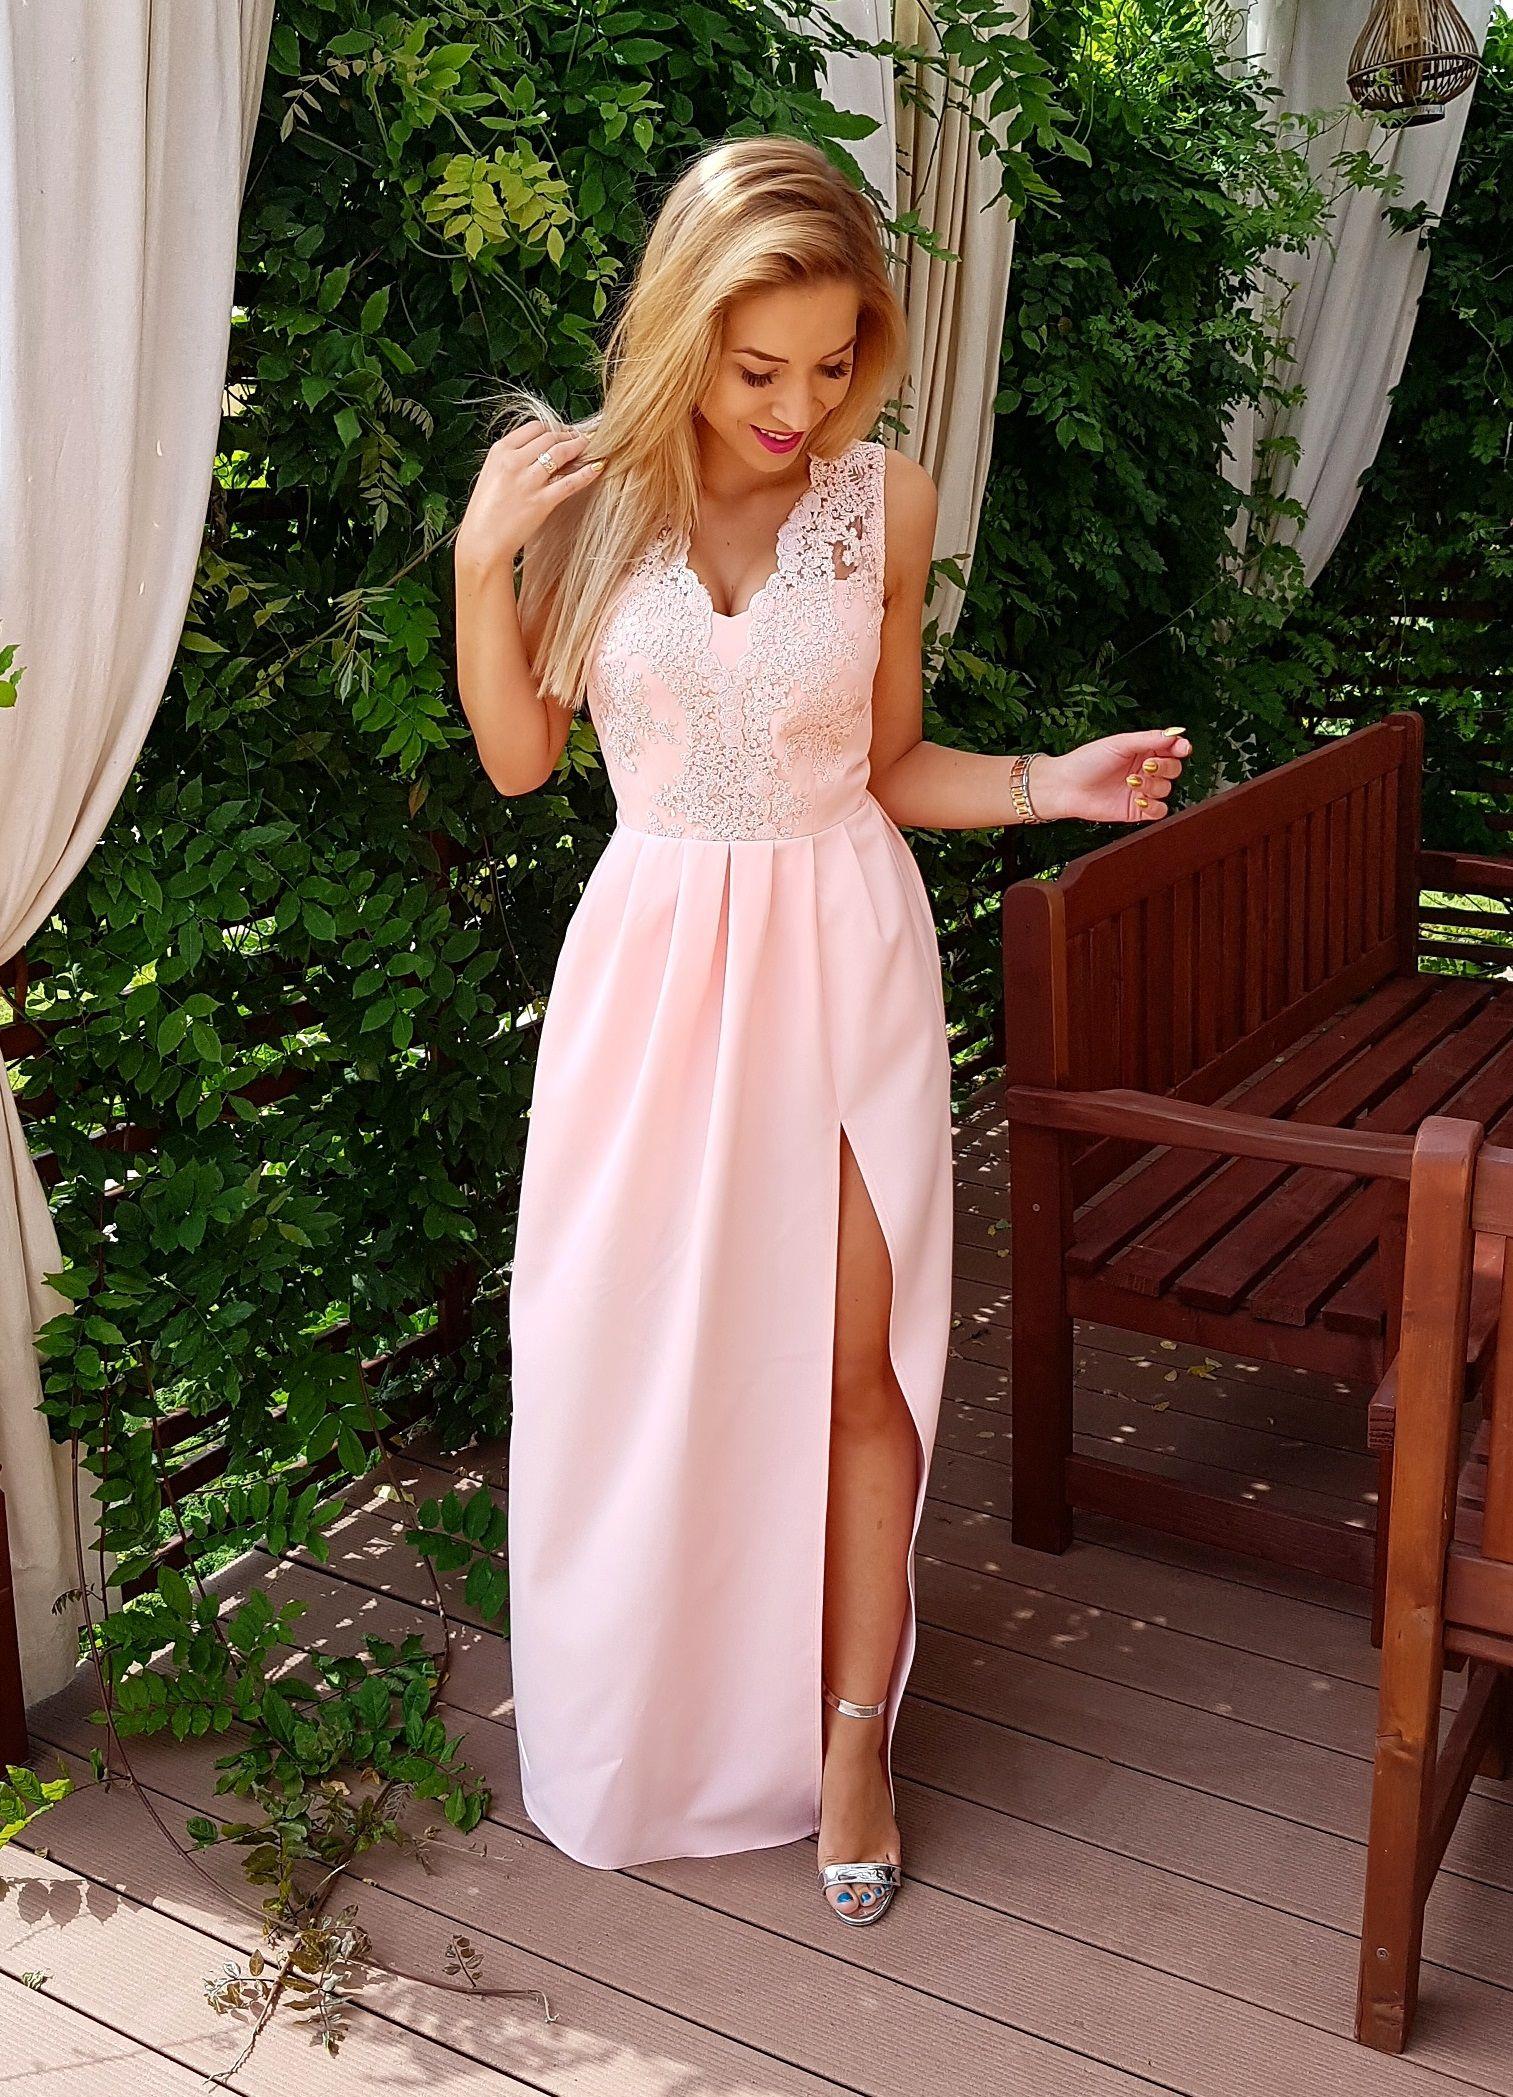 c3b836c420 Elegancka sukienka maxi w kolorze pudrowy róż. 349 zł www.illuminate.pl